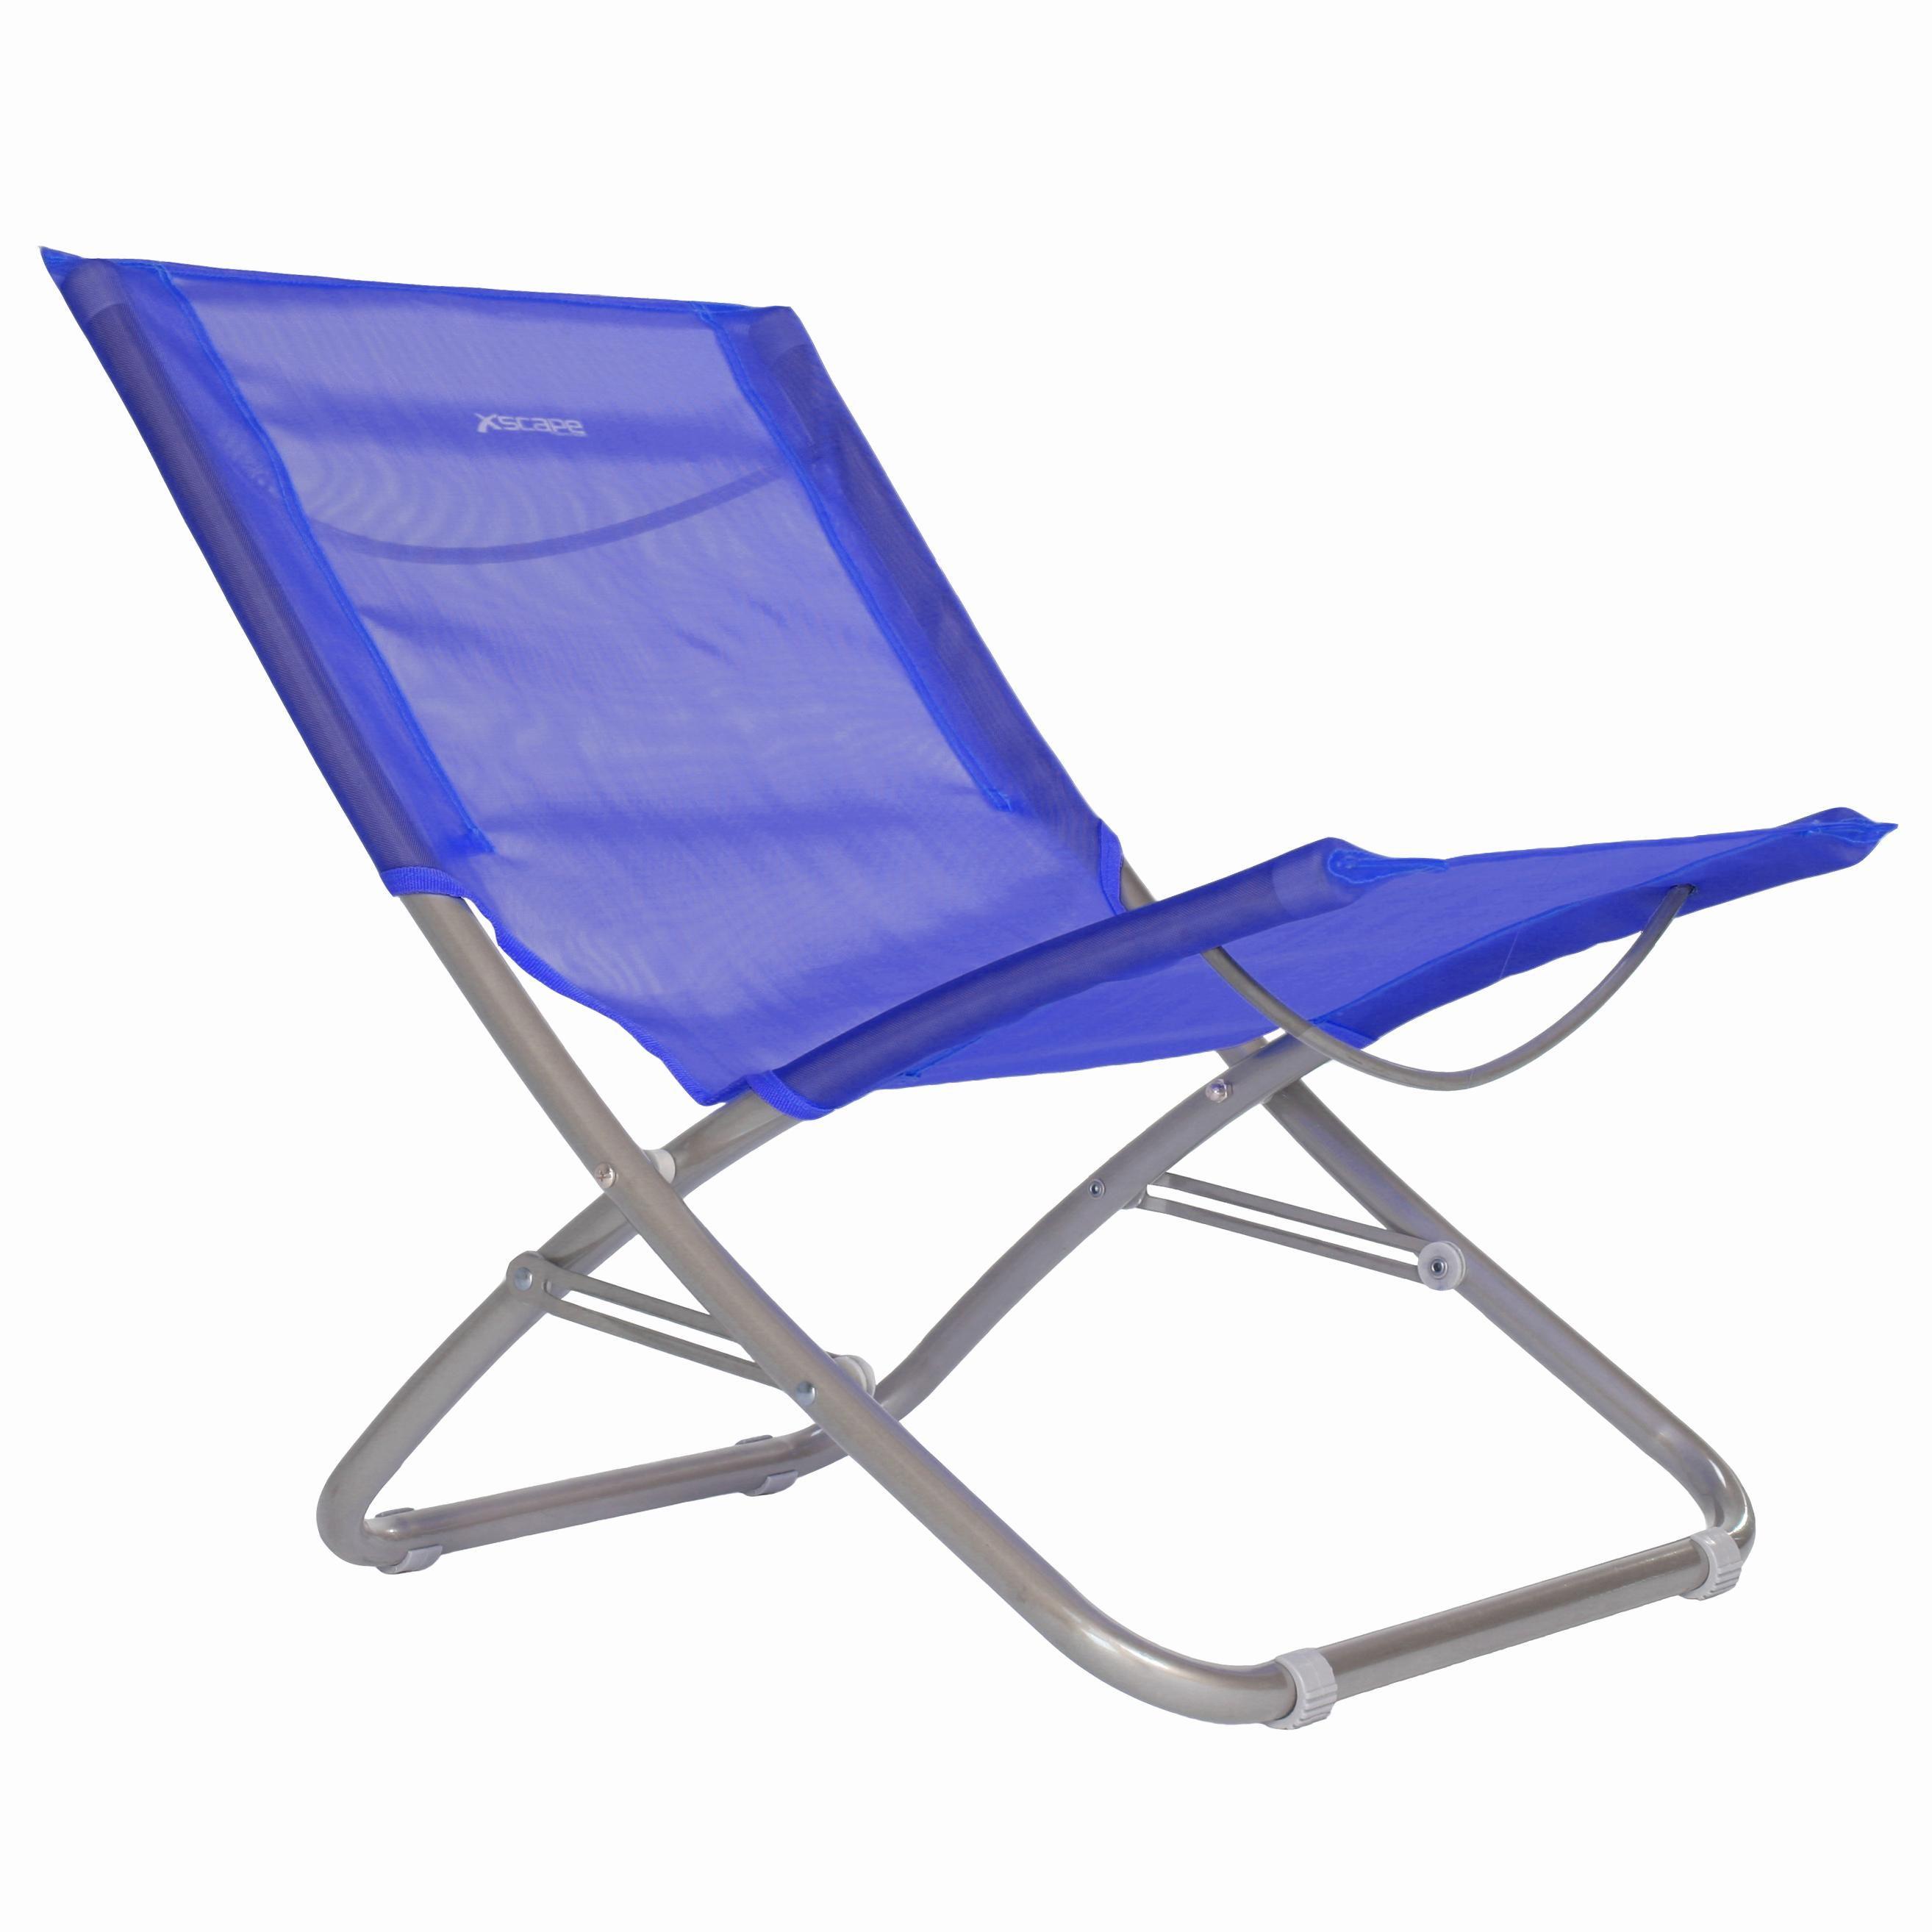 Xscape Sol Lite Folding Beach Chair By Oj Commerce 28 99 Con